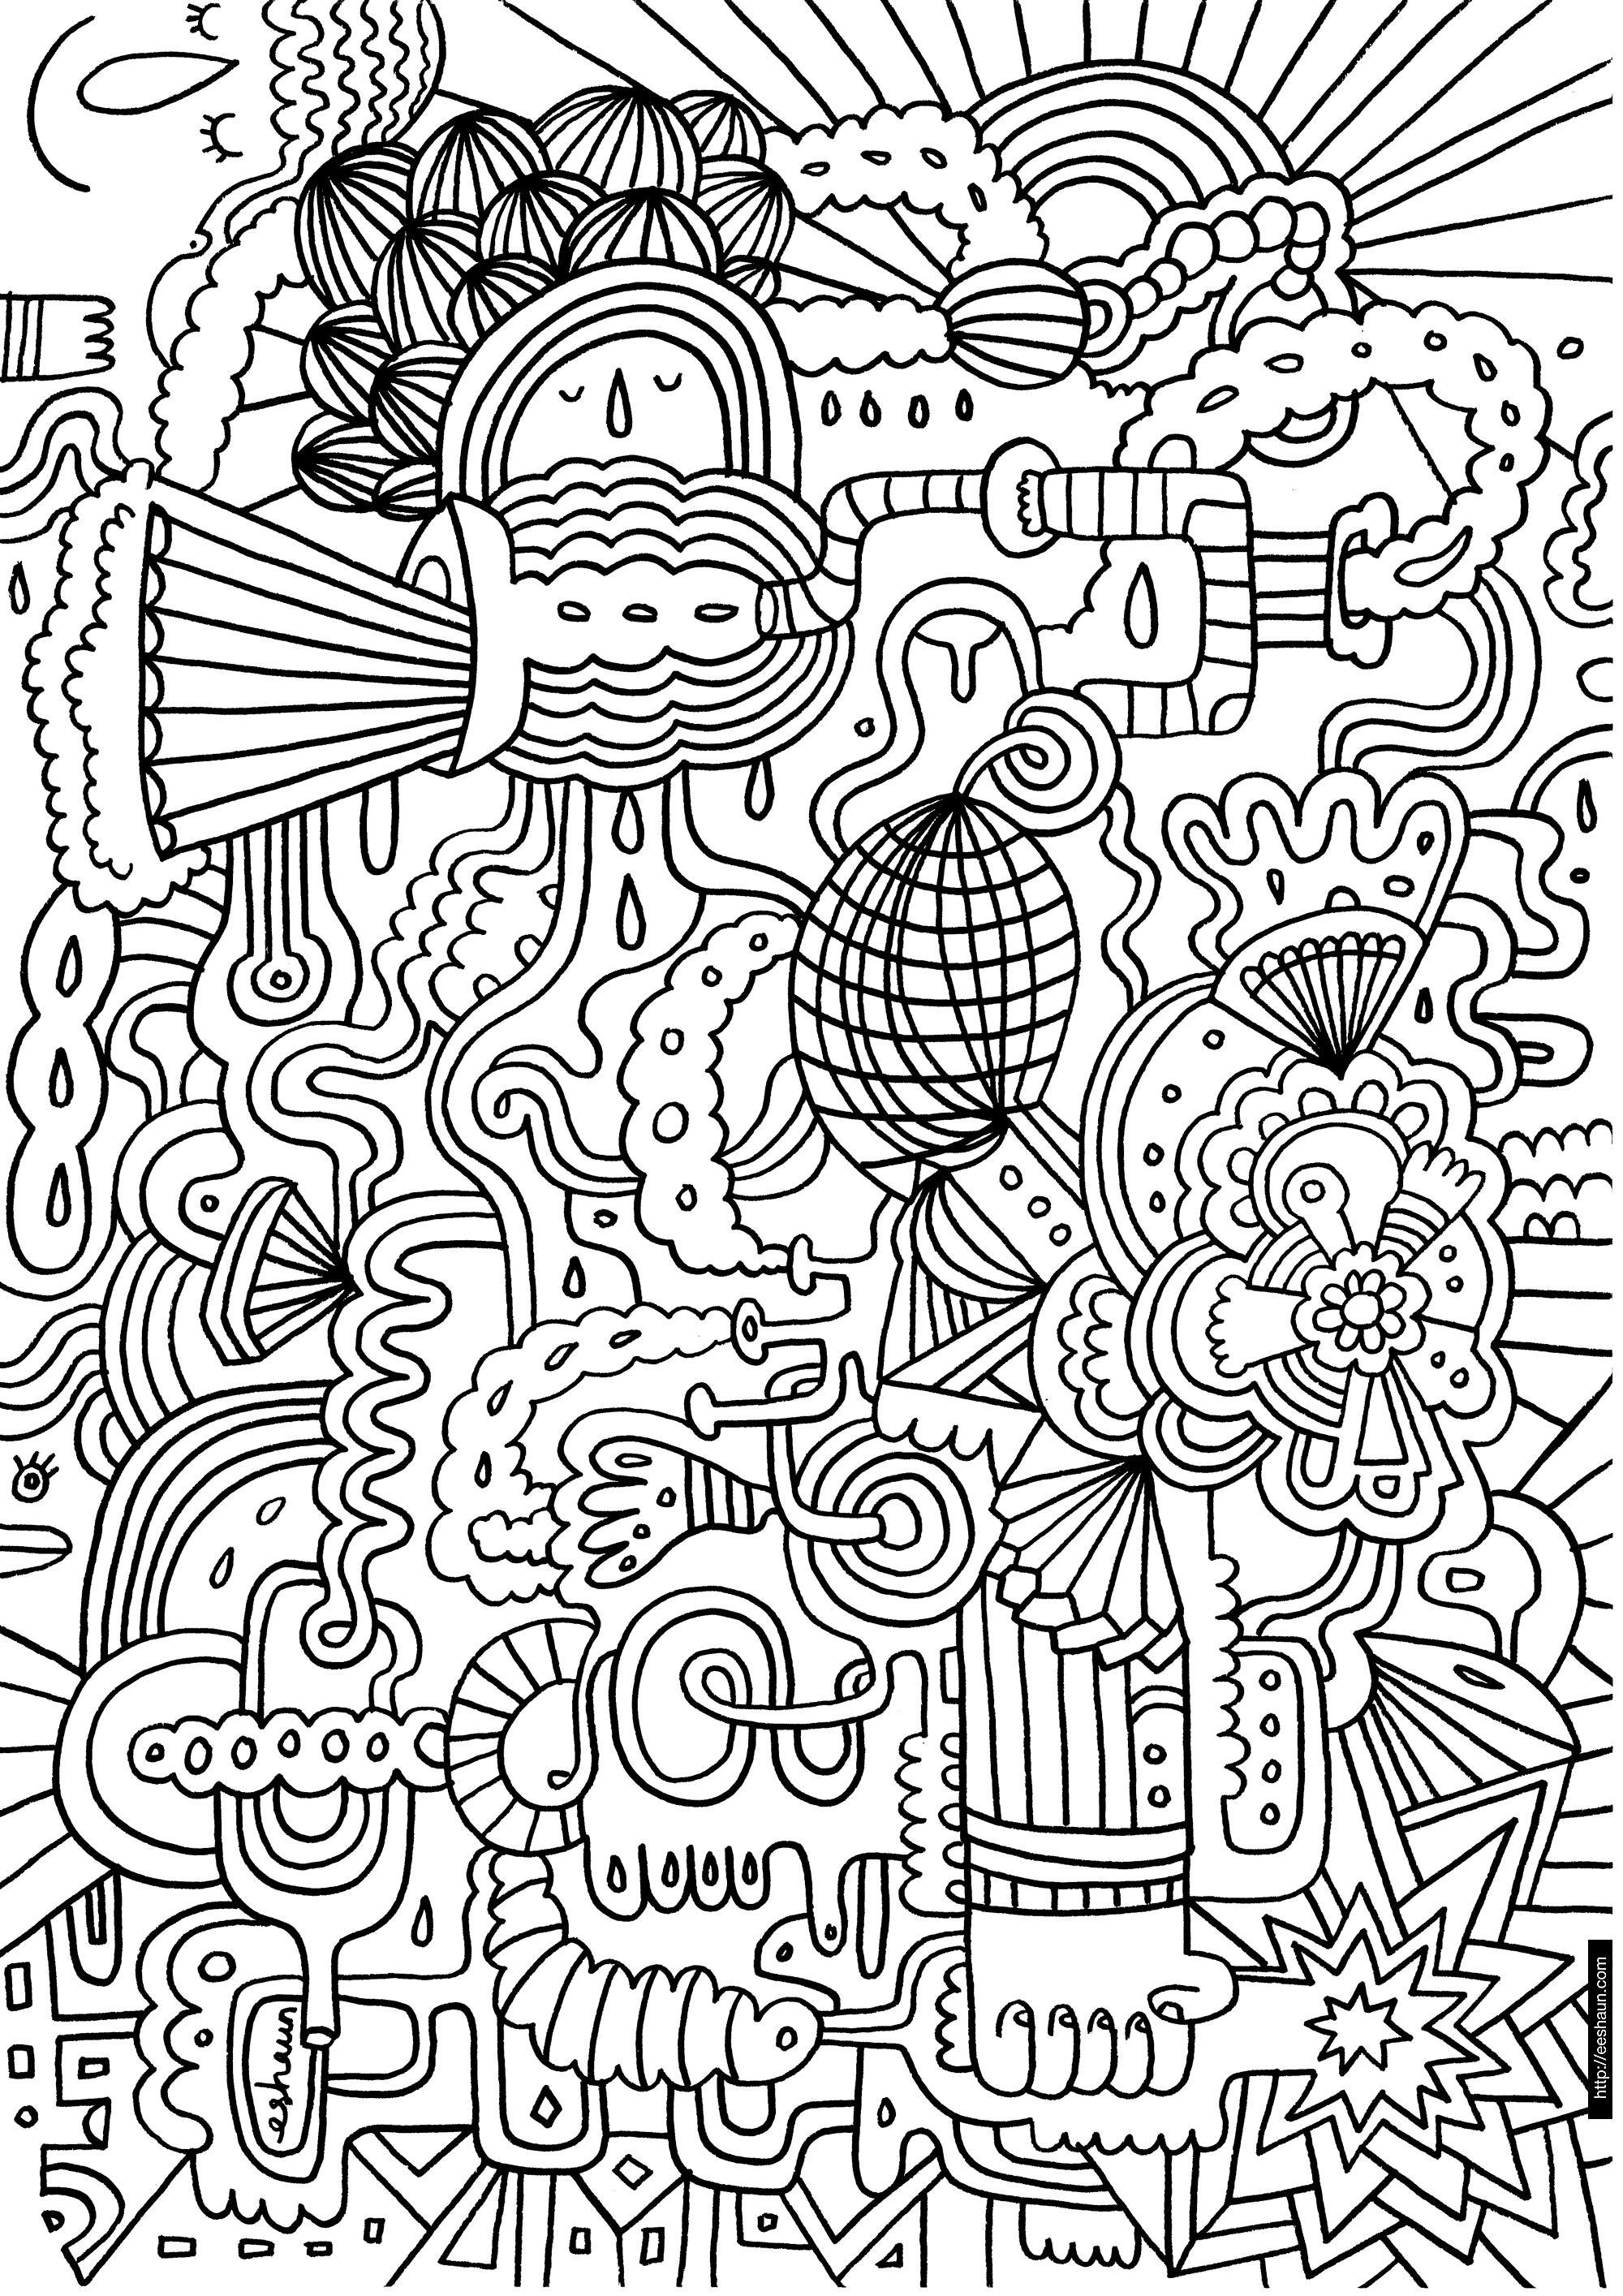 абстракция Раскраски для взрослых скачать